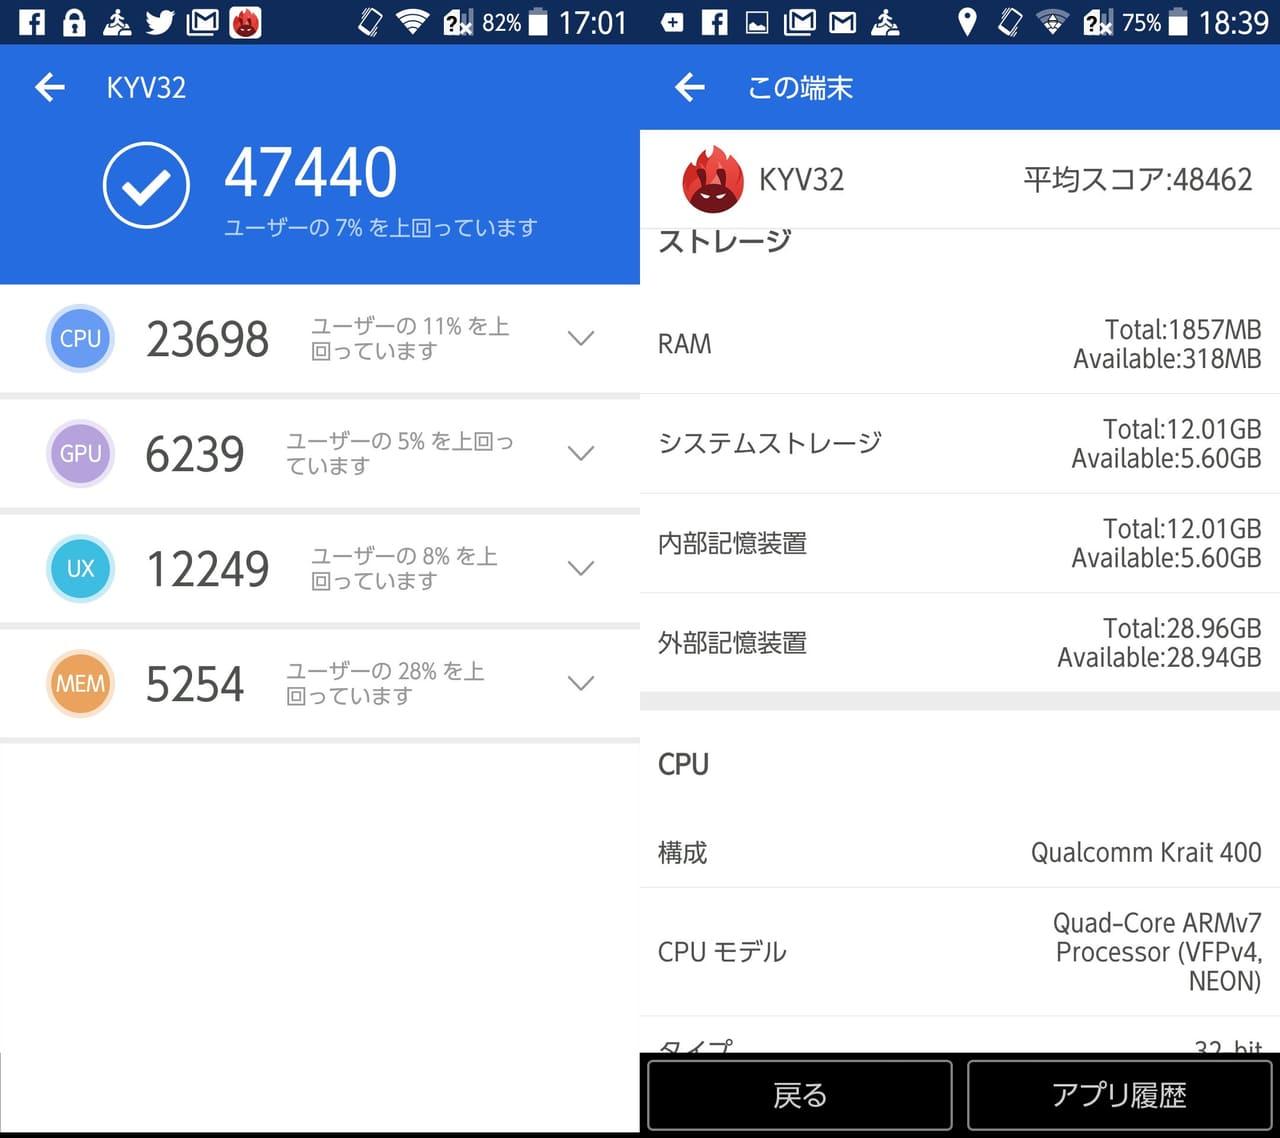 BASIO KYV32(Android 4.4)実機AnTuTuベンチマークスコアは総合が47440点、3D性能が6239点。